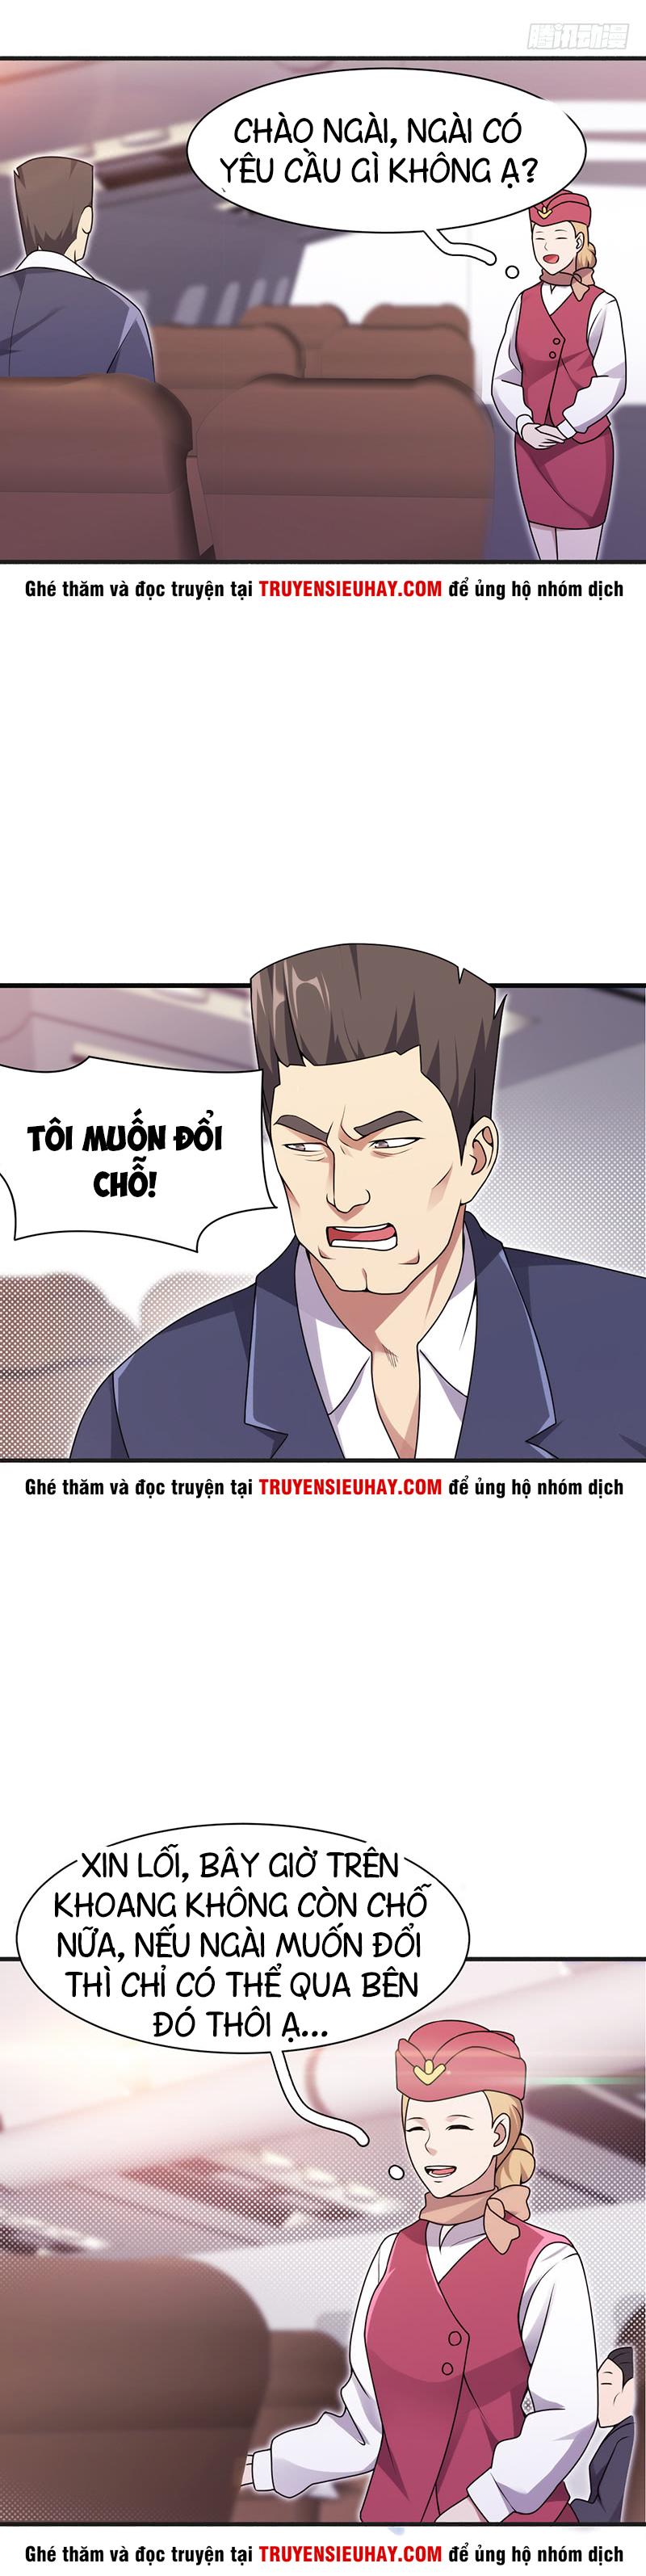 Võ Nghịch Sơn Hà Chapter 37 video - Hamtruyen.vn